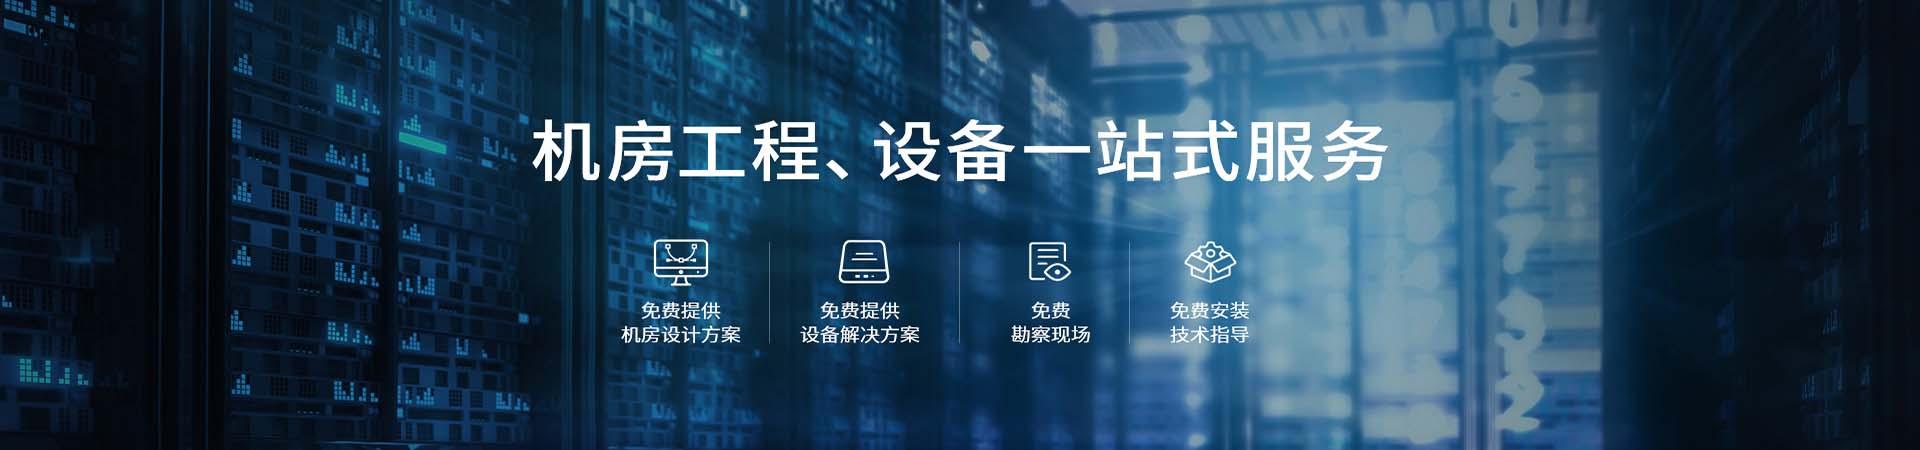 浙江齊興百年科技有限公司公司介紹